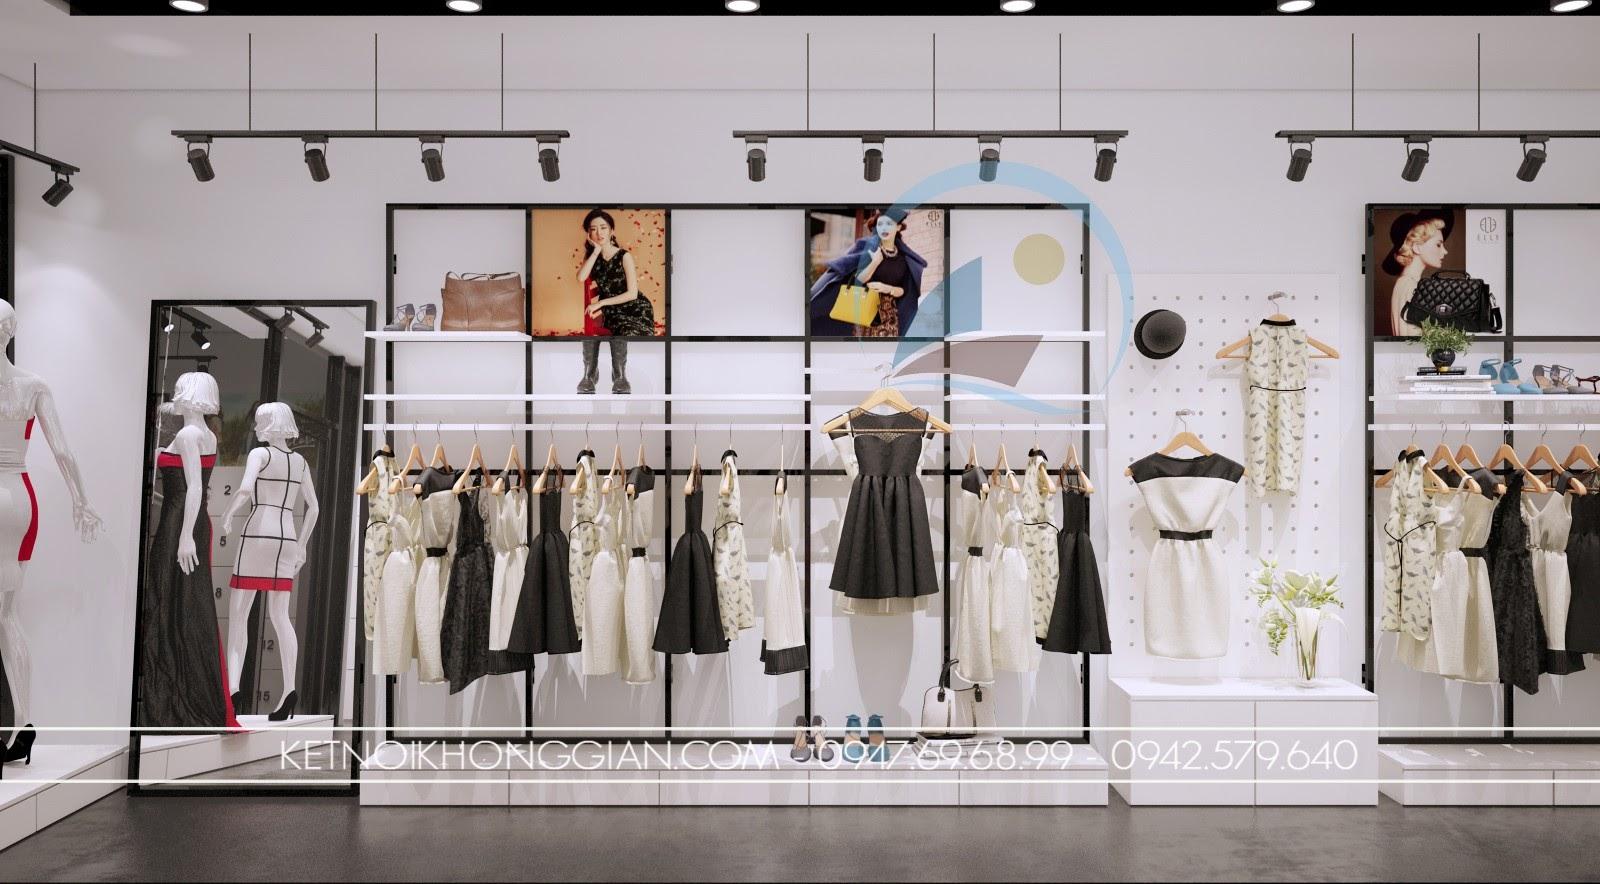 thiết kế shop thời trang giá rẻ, sang trọng, hiện đại